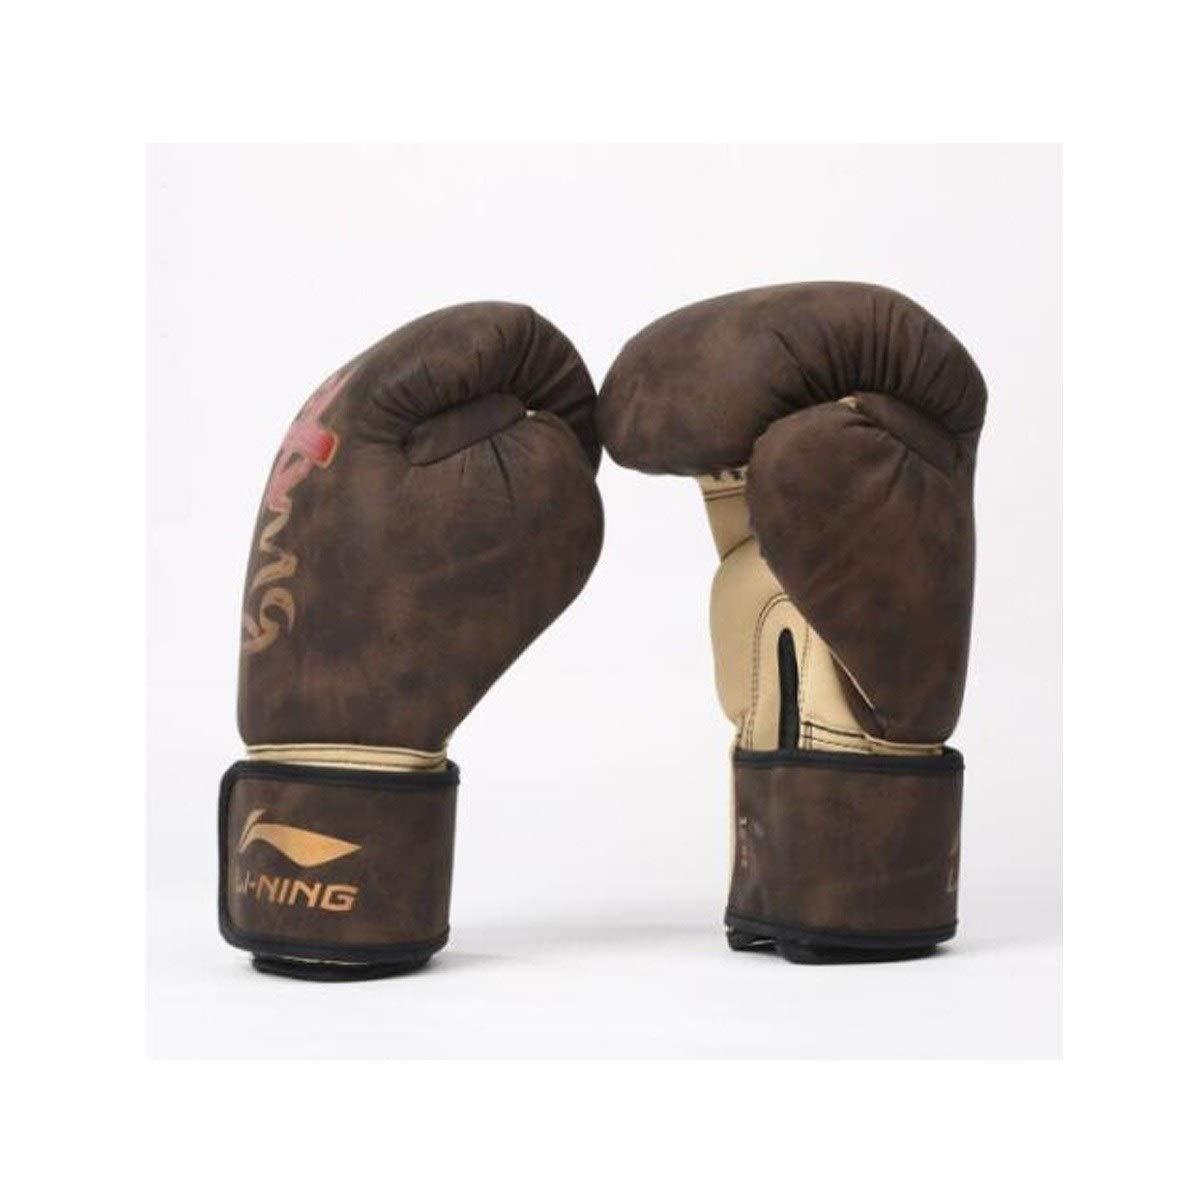 TMYQM ボクシンググローブ、アダルトサンダファイト、ライナーラテックスコットンハイフォームプロフェッショナルコンペティションボクシングセット、テコンドーサンドバッグボクシング、10アン、12オンス 柔らかく快適 褐色 10oz